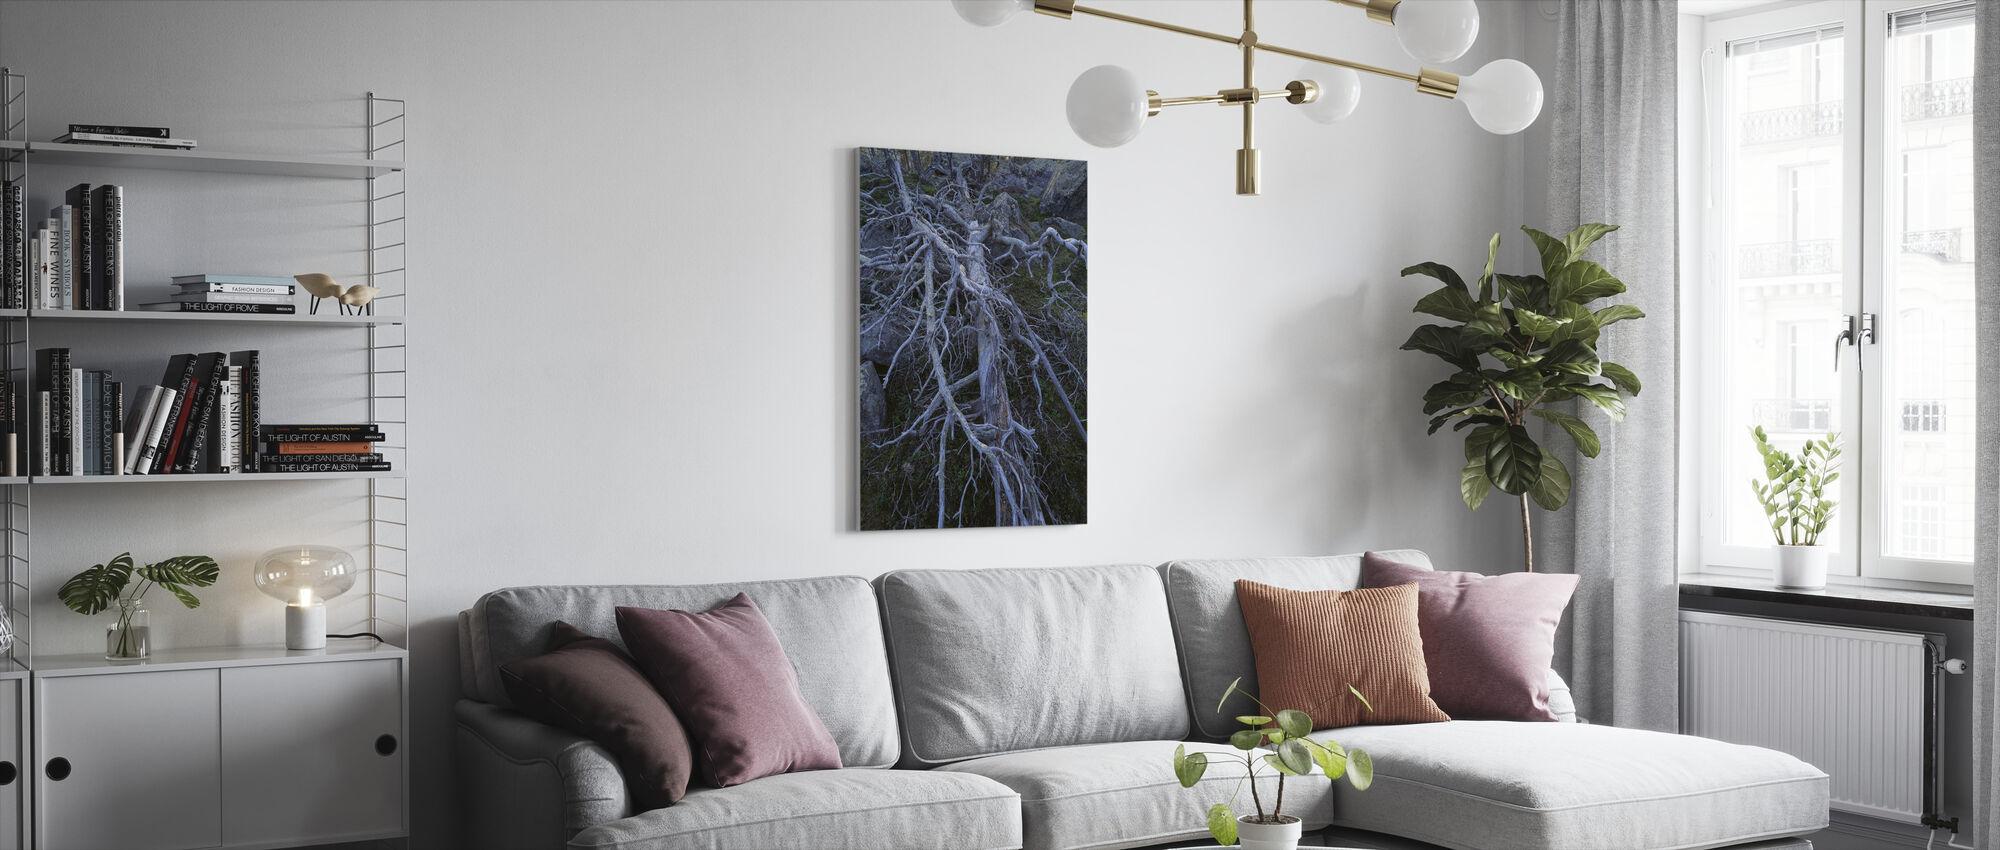 Boomstammen - Canvas print - Woonkamer